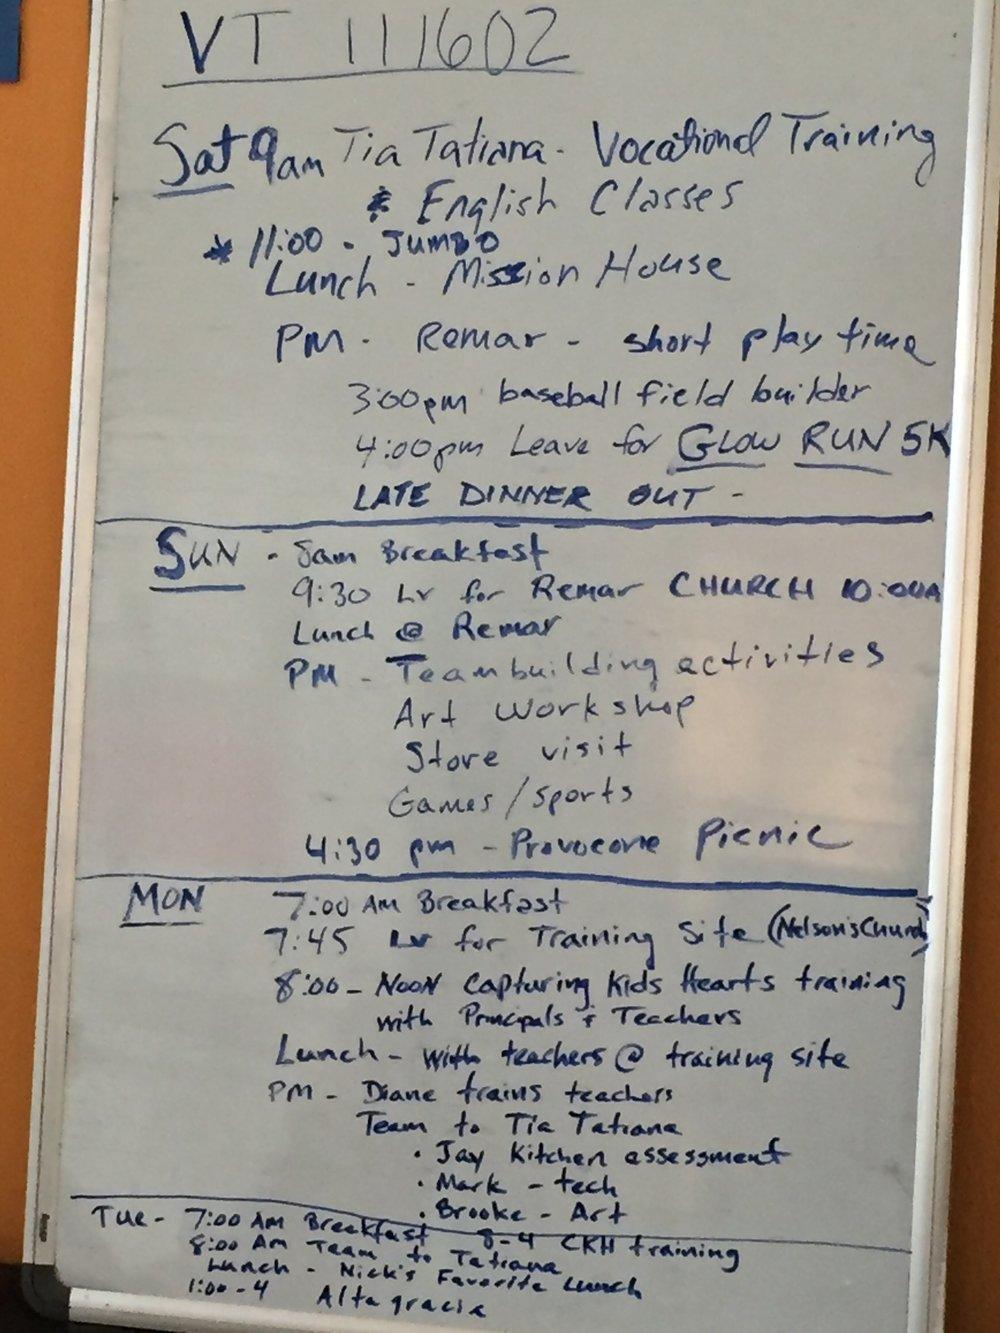 DR1116 Schedule.JPG